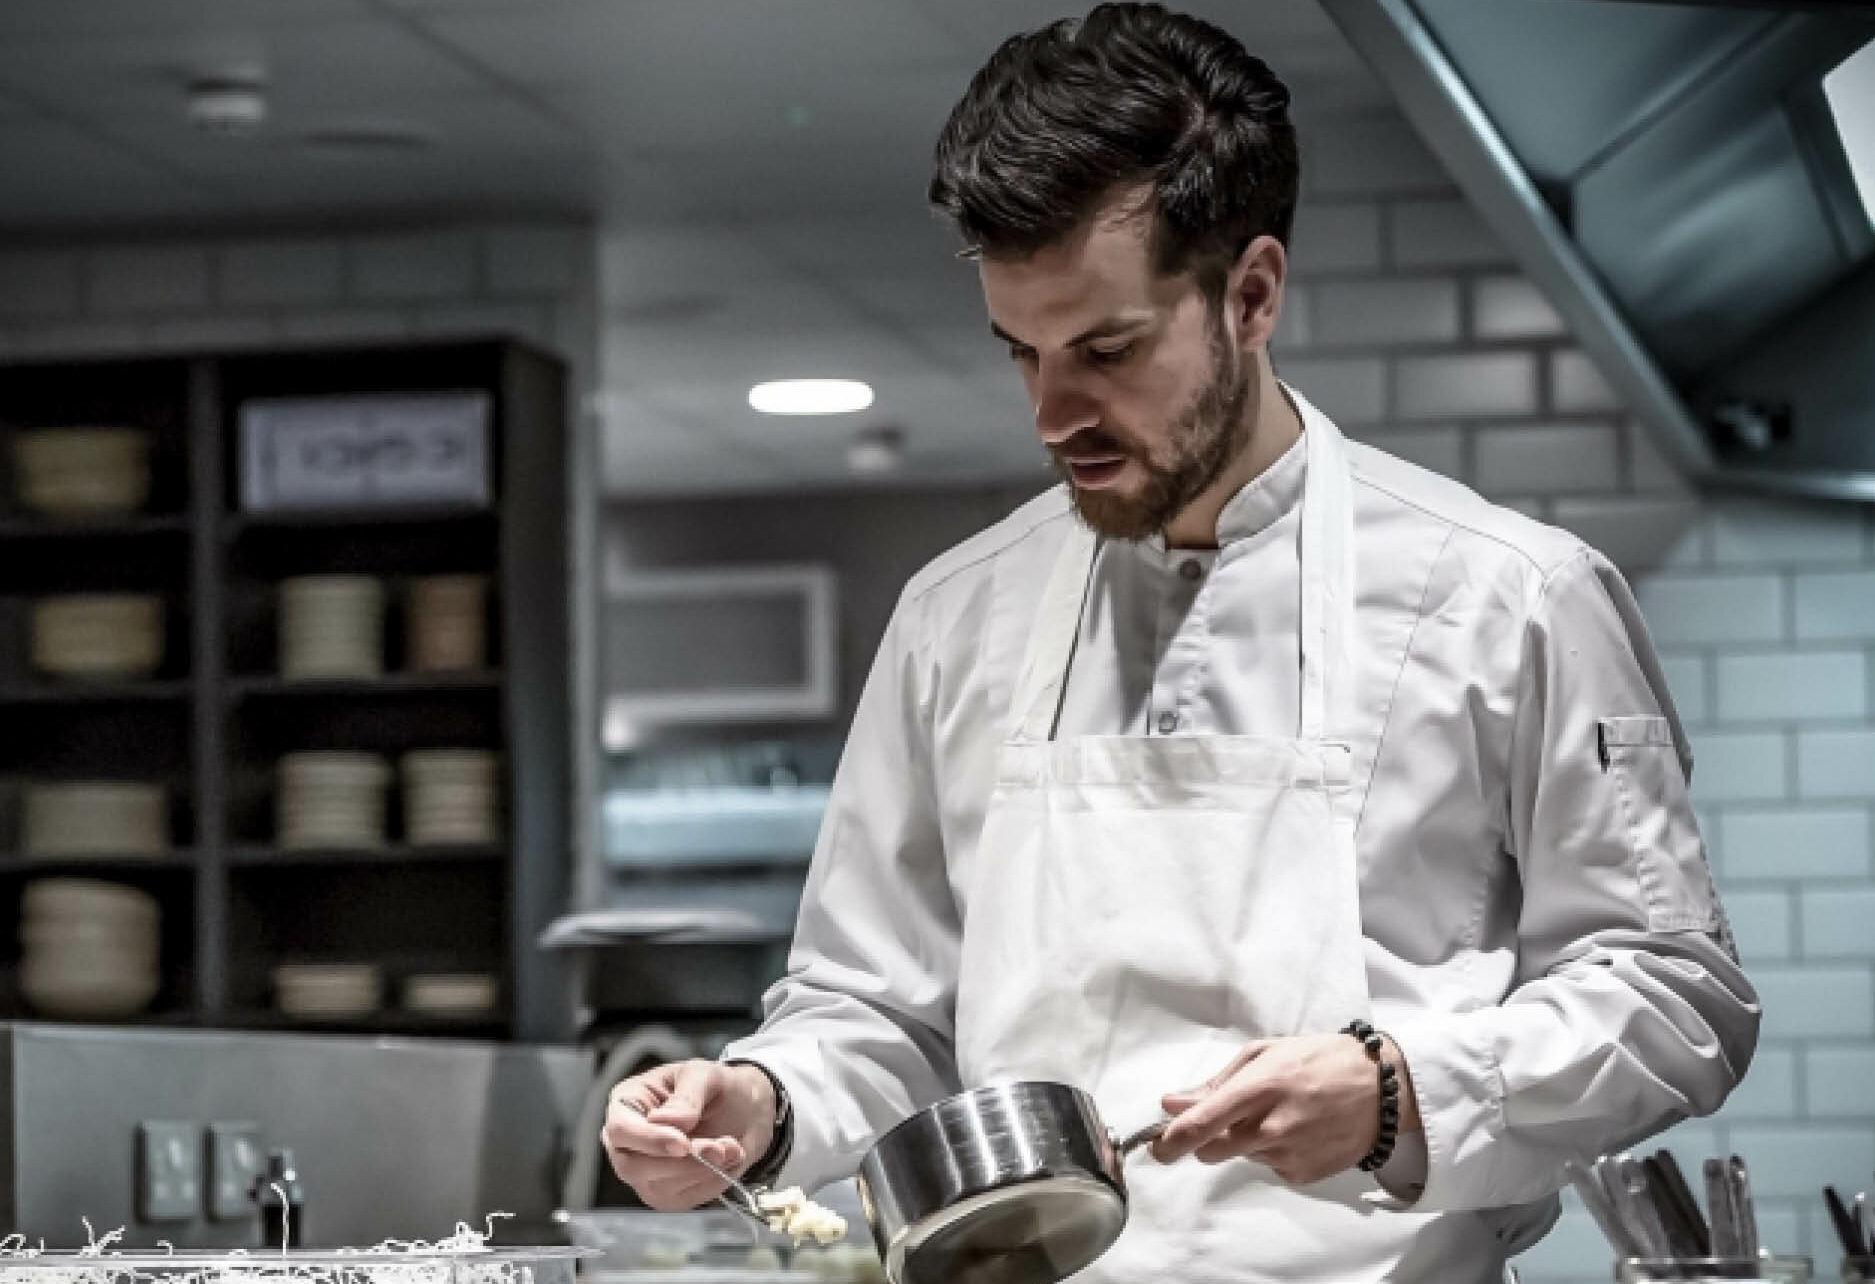 Souschef Brasserie & Feestzaal